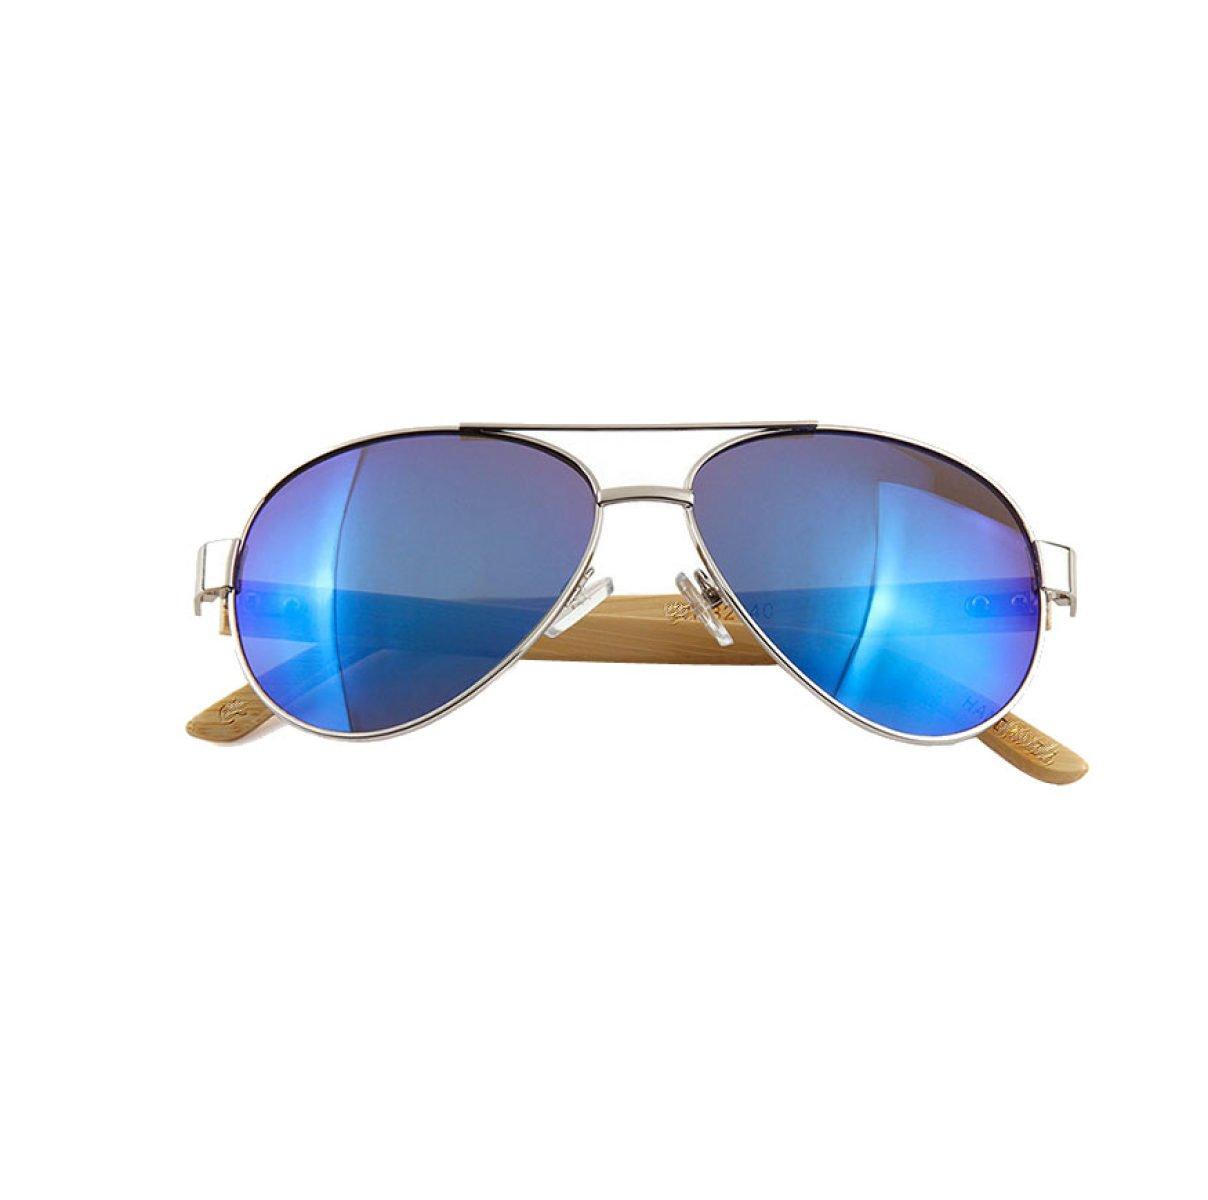 HAOYUXIANG Fuß Bambus-Sonnenbrille Für Männer Und Frauen In Europa Und Amerika,SilverFrameWhiteMercury